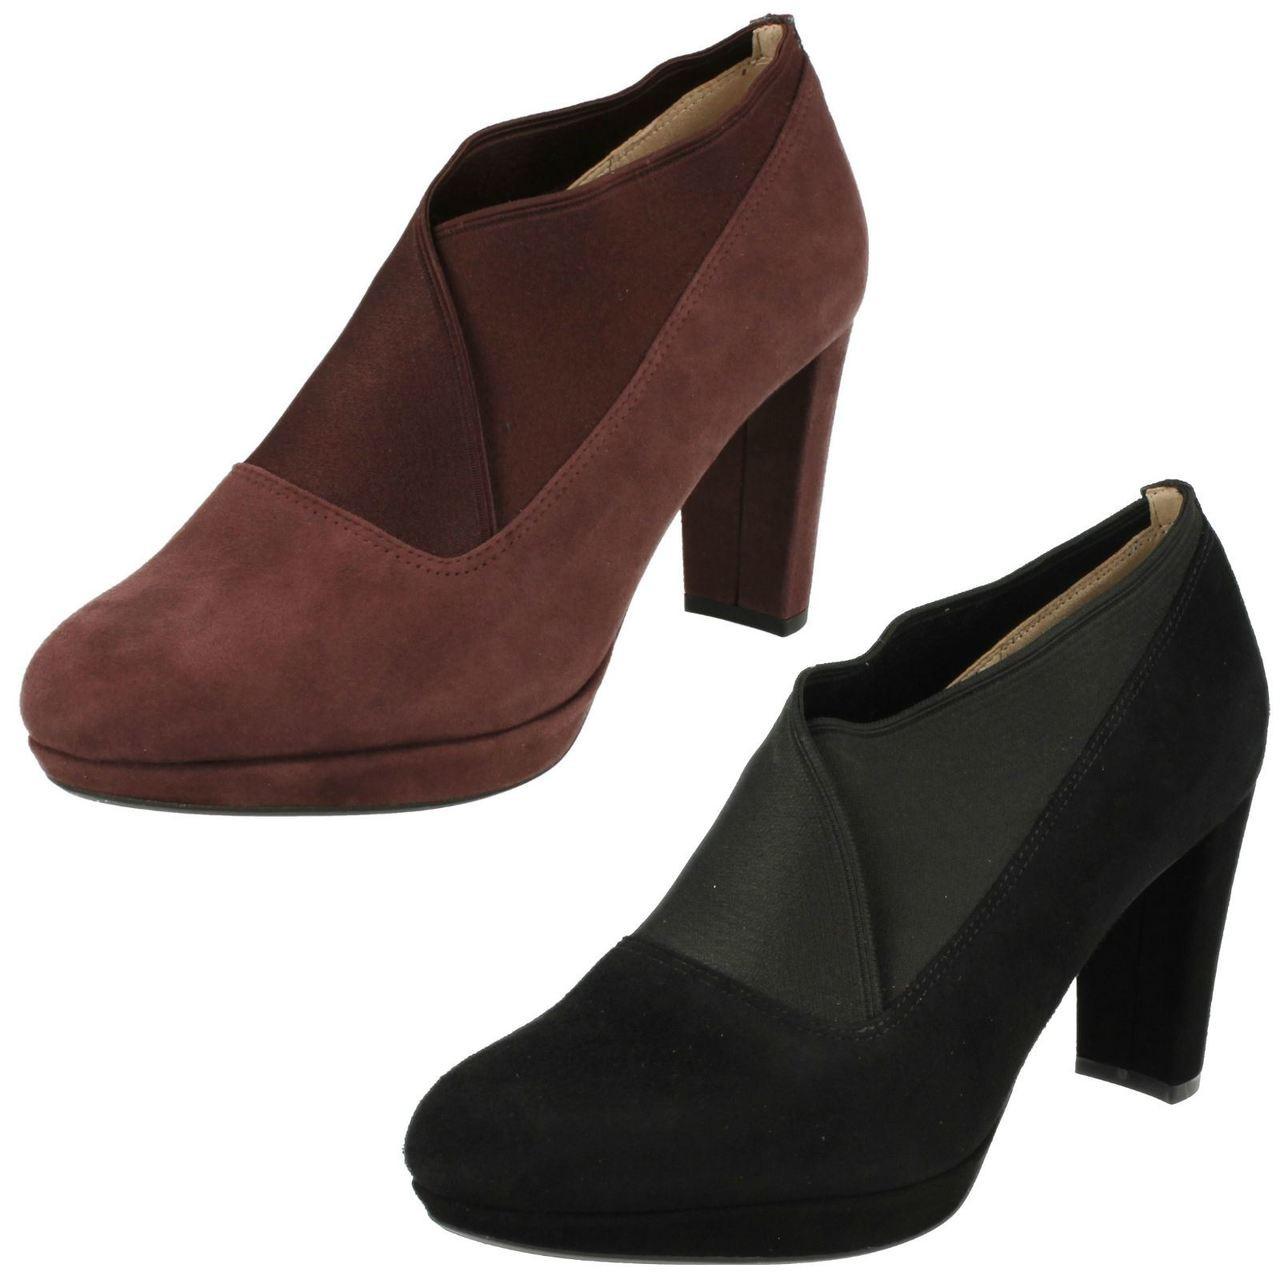 Ladies Clarks Smart Trouser Shoes